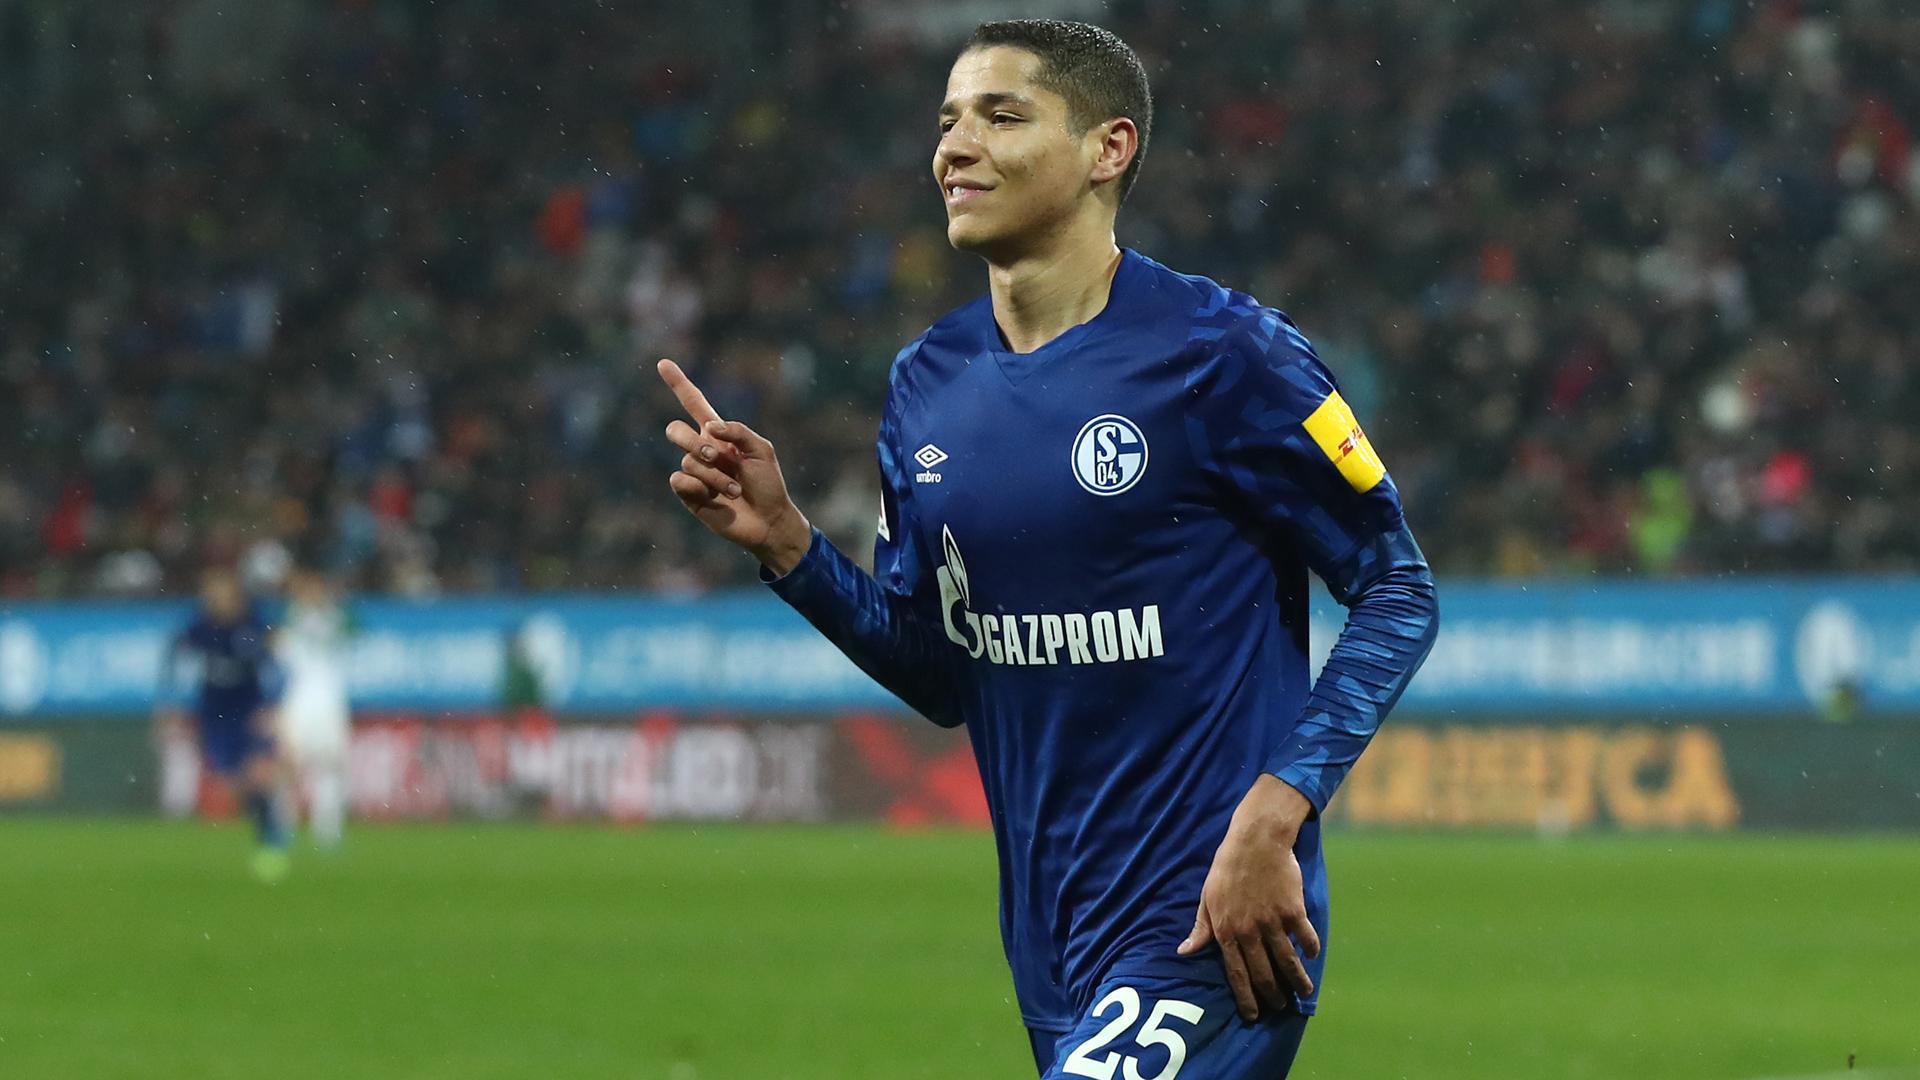 Schalke Vs Frankfurt Live Stream